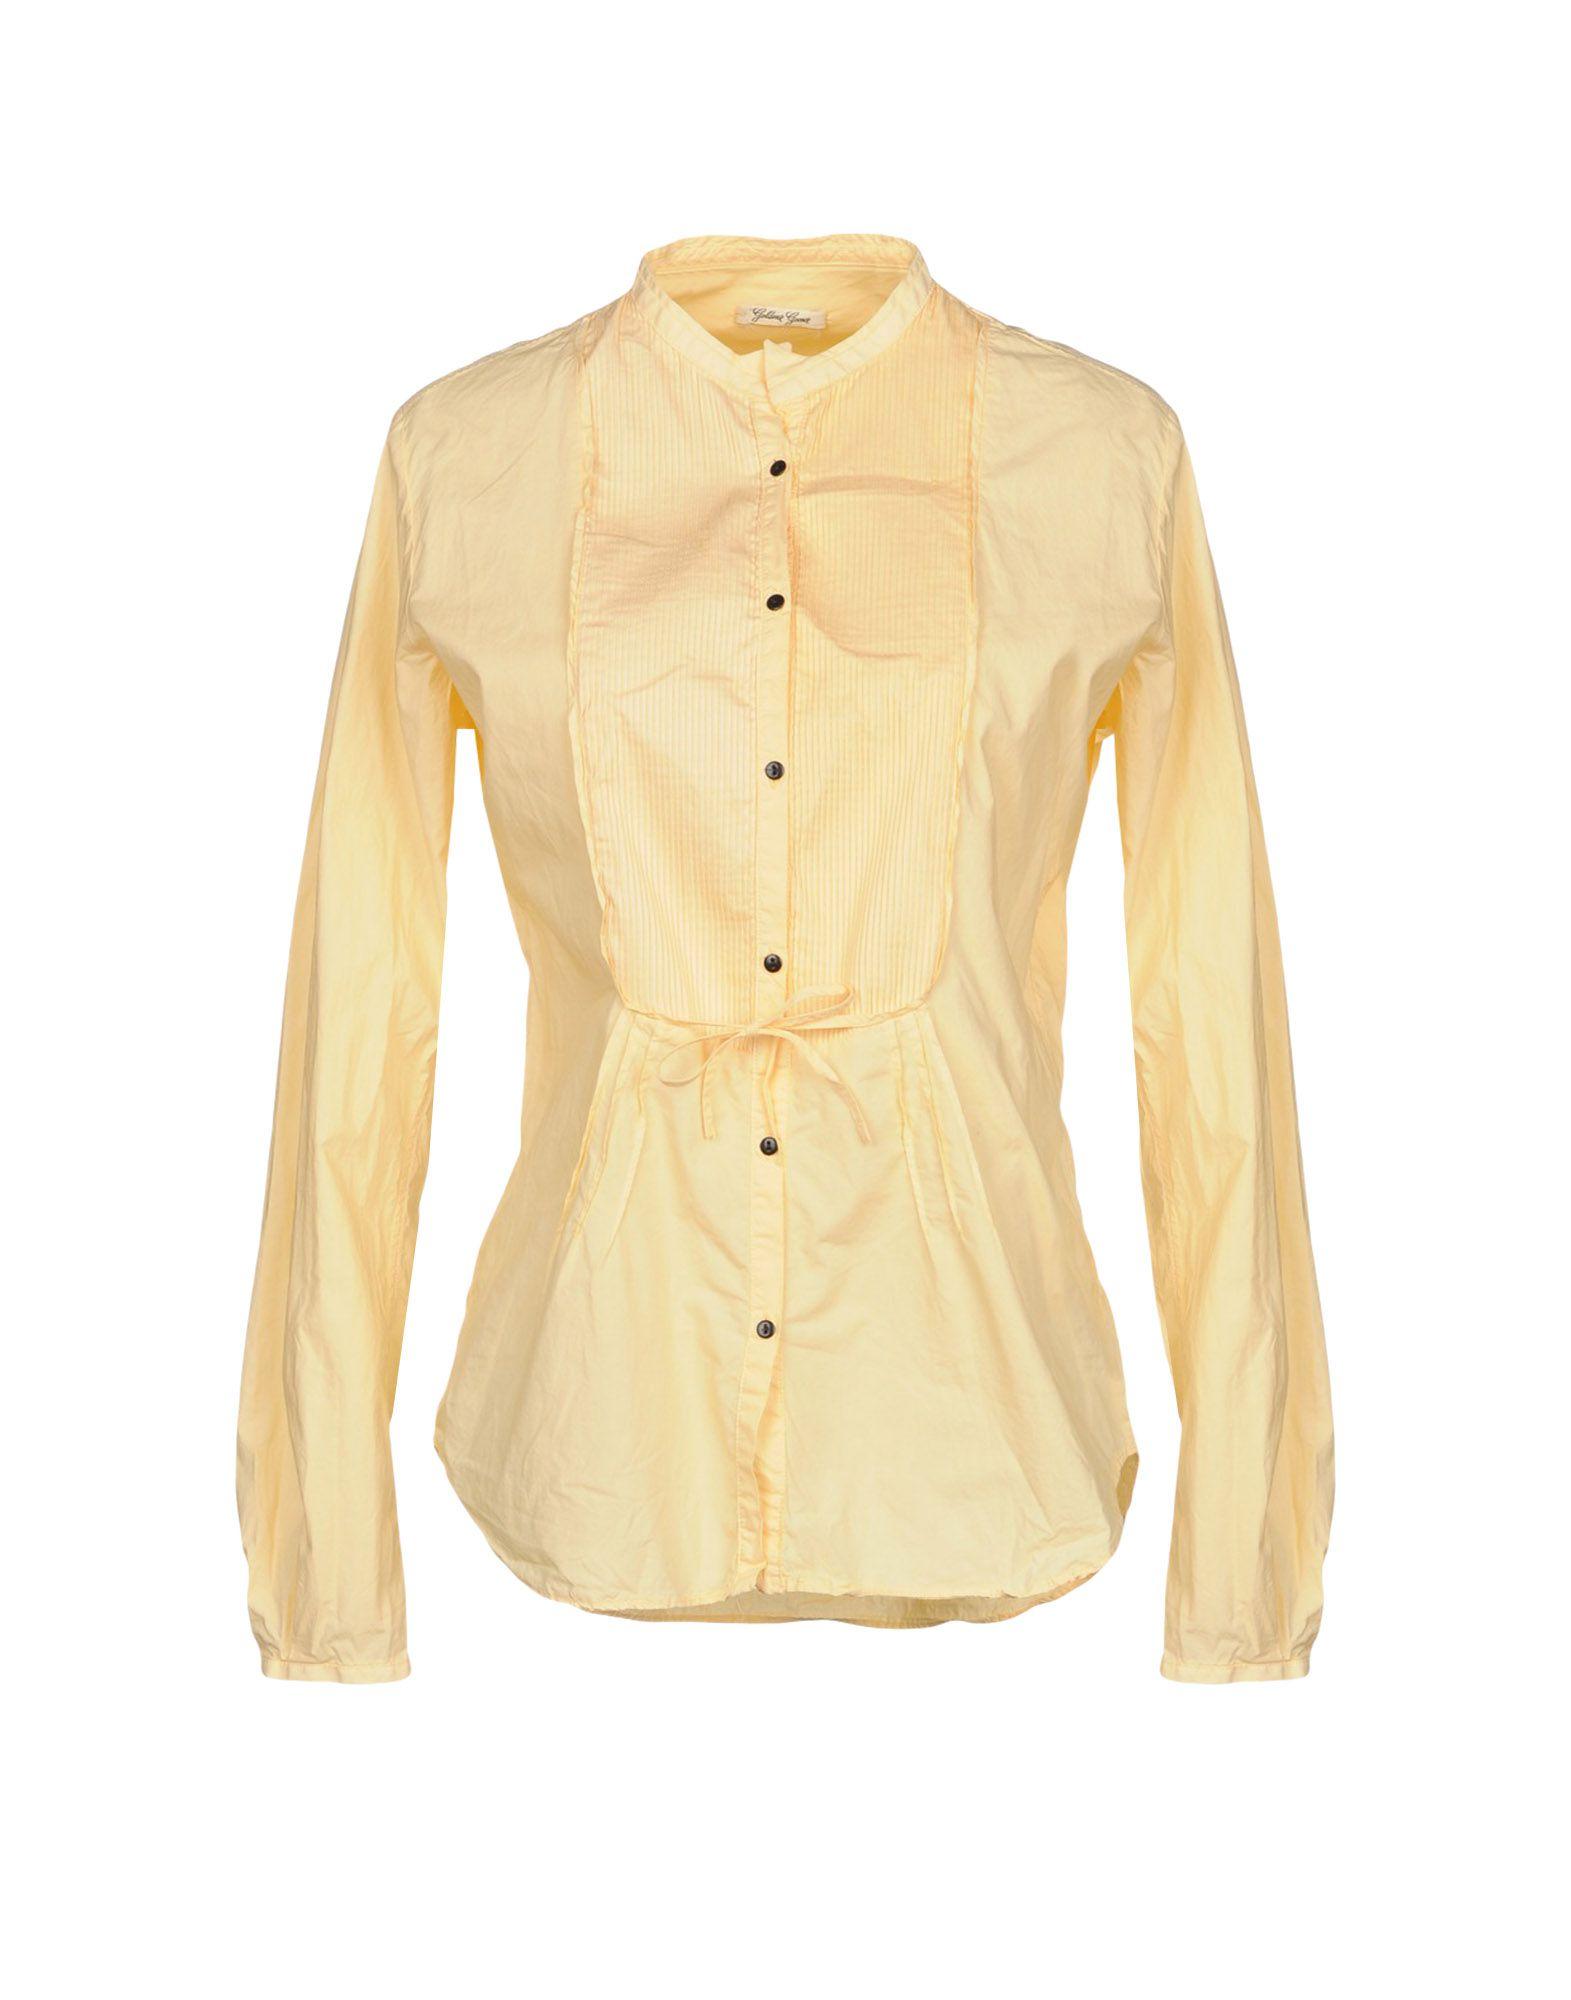 GOLDEN GOOSE DELUXE BRAND Pубашка куртка canada goose montebello parka